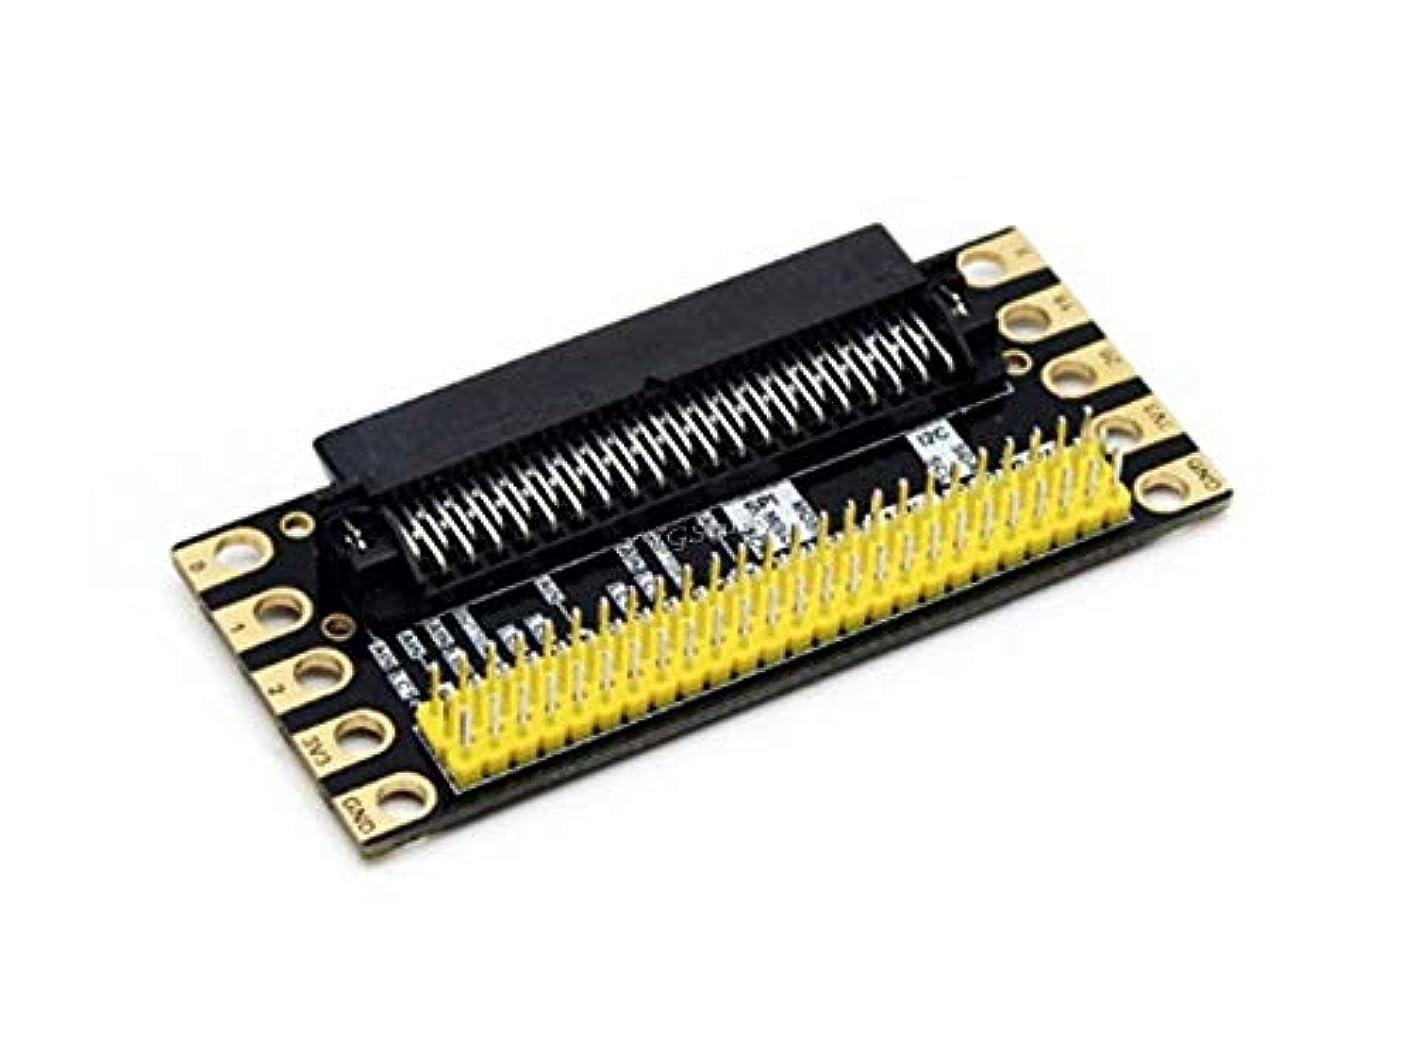 ピンポイントギター成長するXYGStudy エッジコネクタ拡張ボード Micro:bit用 I/Oピンを2.54mmピッチピンヘッダーインターフェイスへ分配